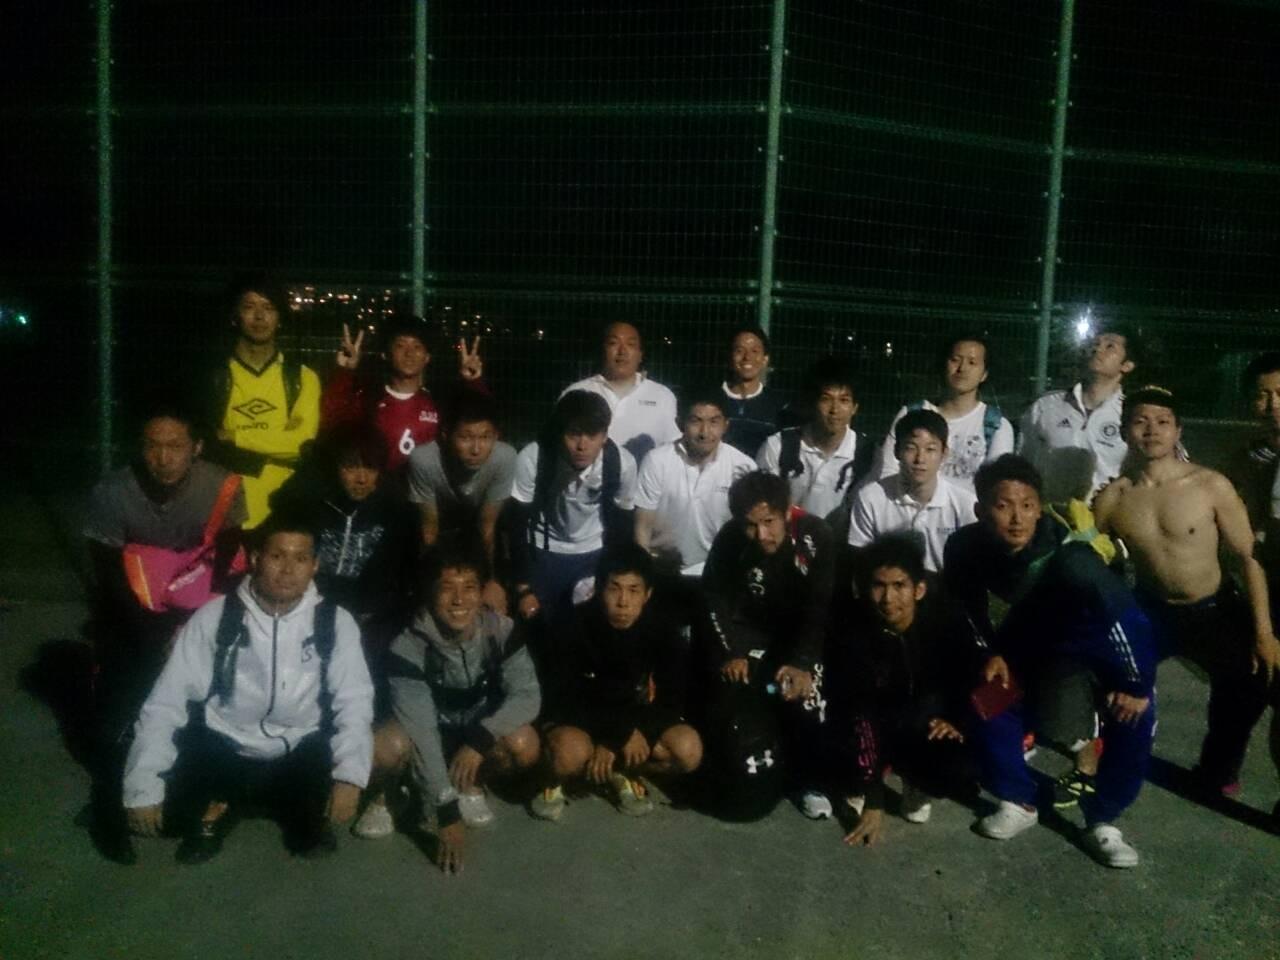 2015/6/6 服部緑地人工芝サッカー場 vs 東大阪FC OVER35 (大阪OVER35代表)